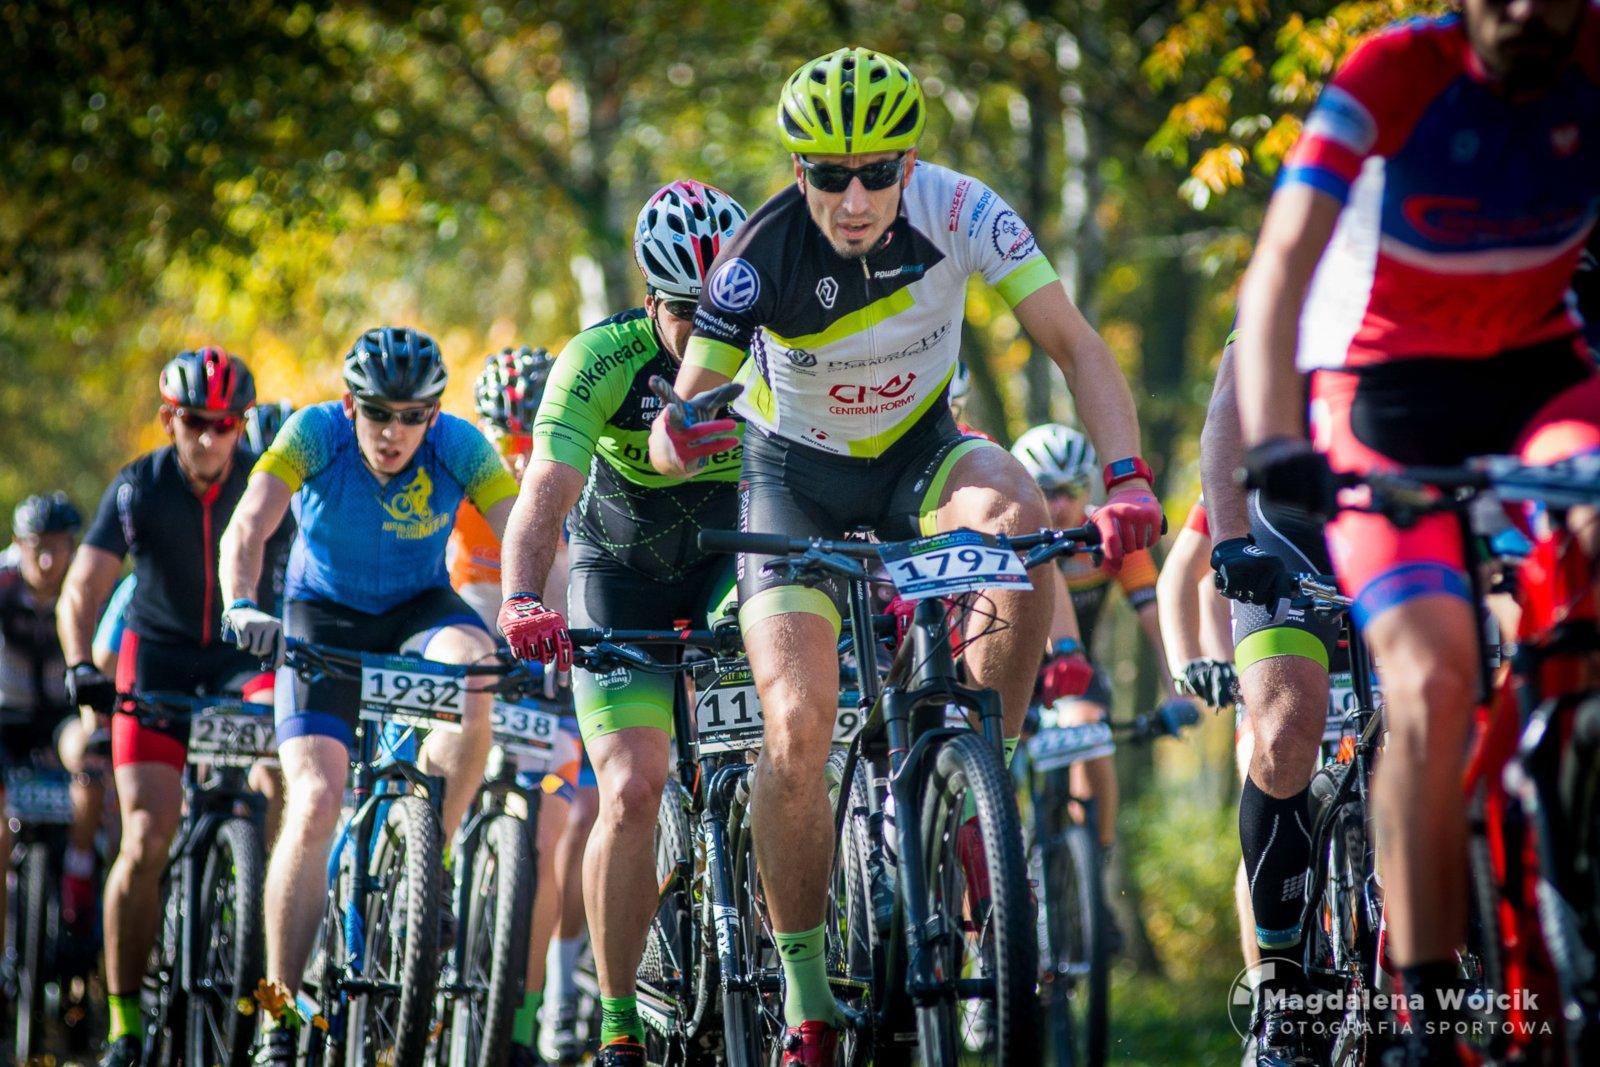 Zakończ majówkę na rowerze. Bike Atelier MTB Maraton 5 maja w Dąbrowie Górniczej